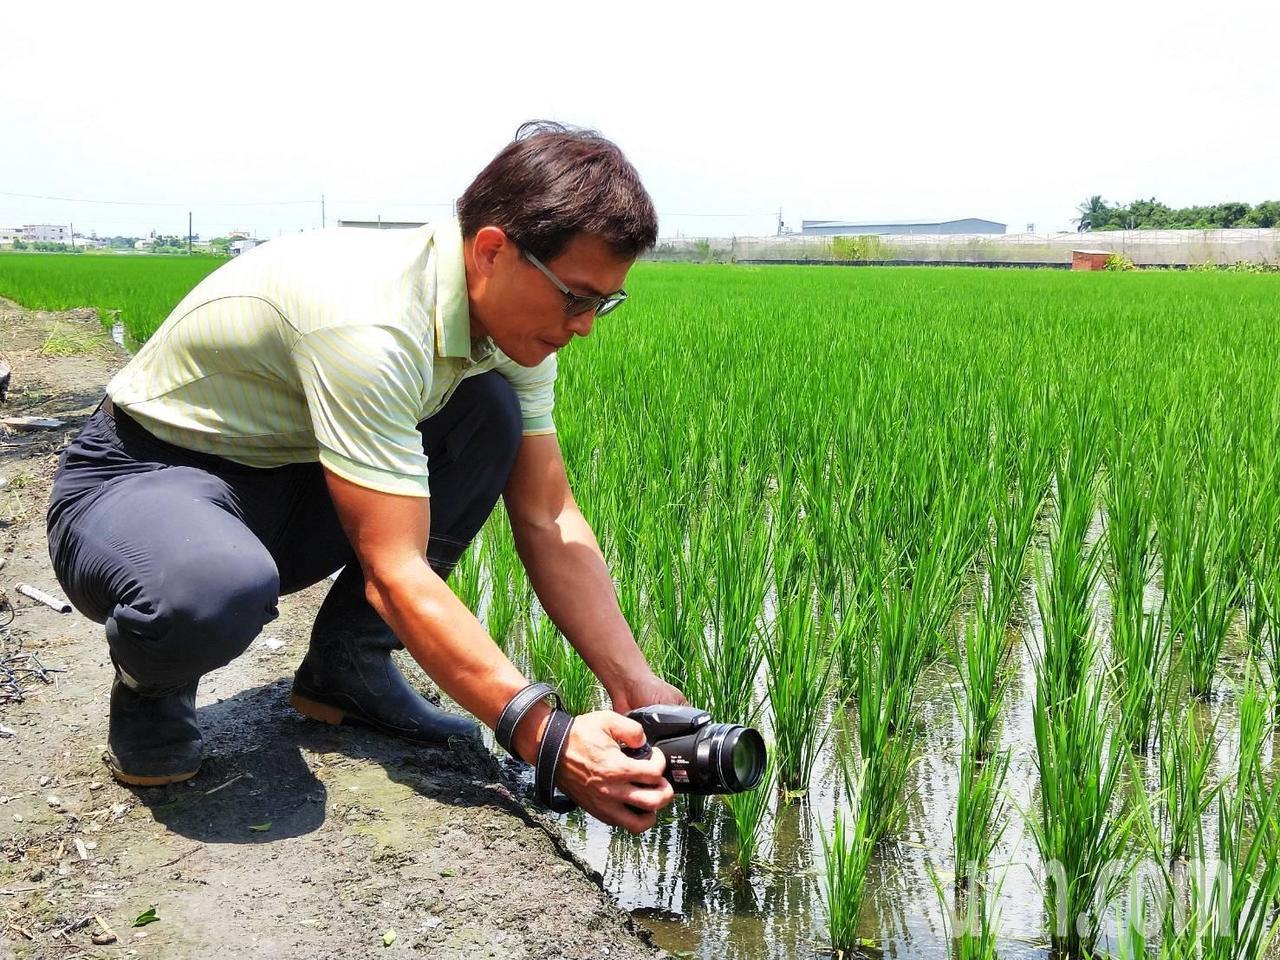 彰化縣劍門生態花果園休閒農場負責人賴仲由喜歡生態攝影,最近在附近的水田意外拍攝一...